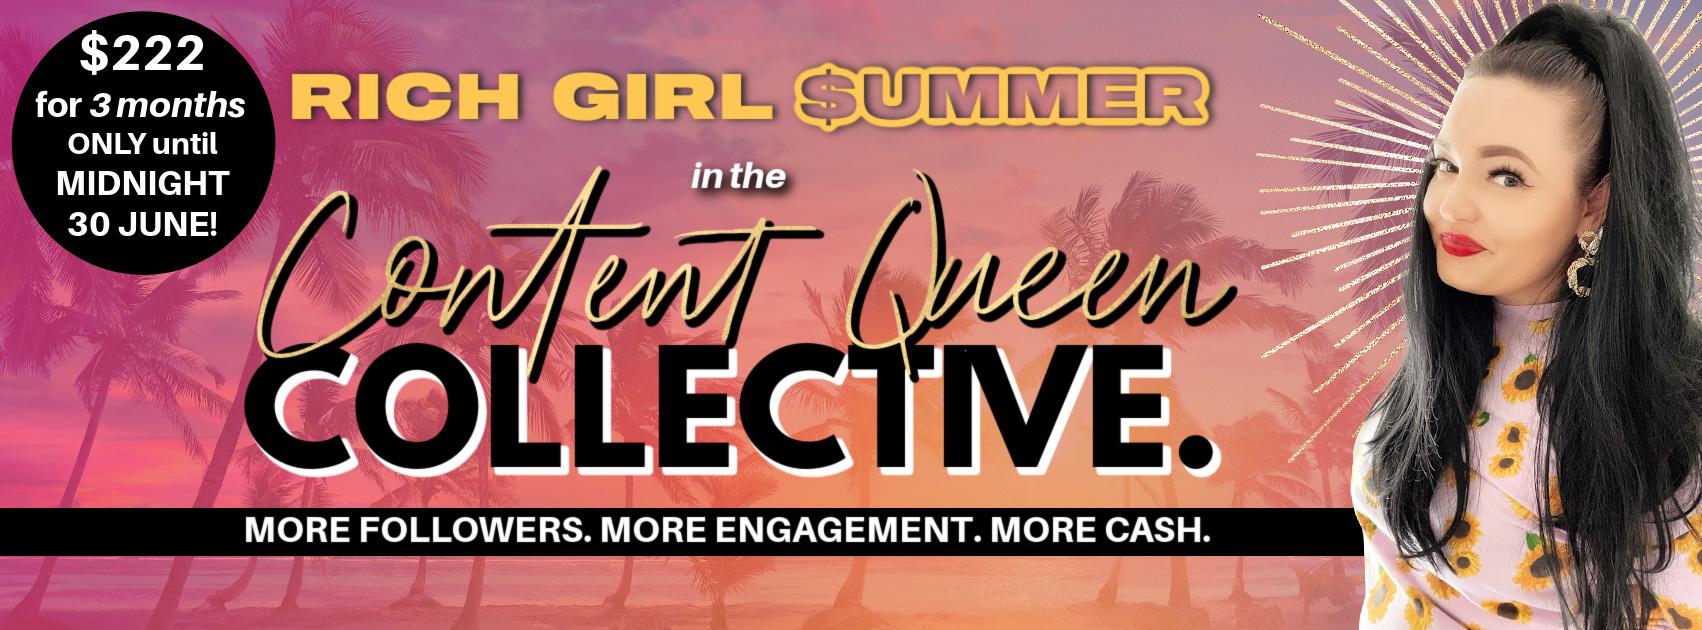 _RICH GIRL SUMMER CQC 222 Website